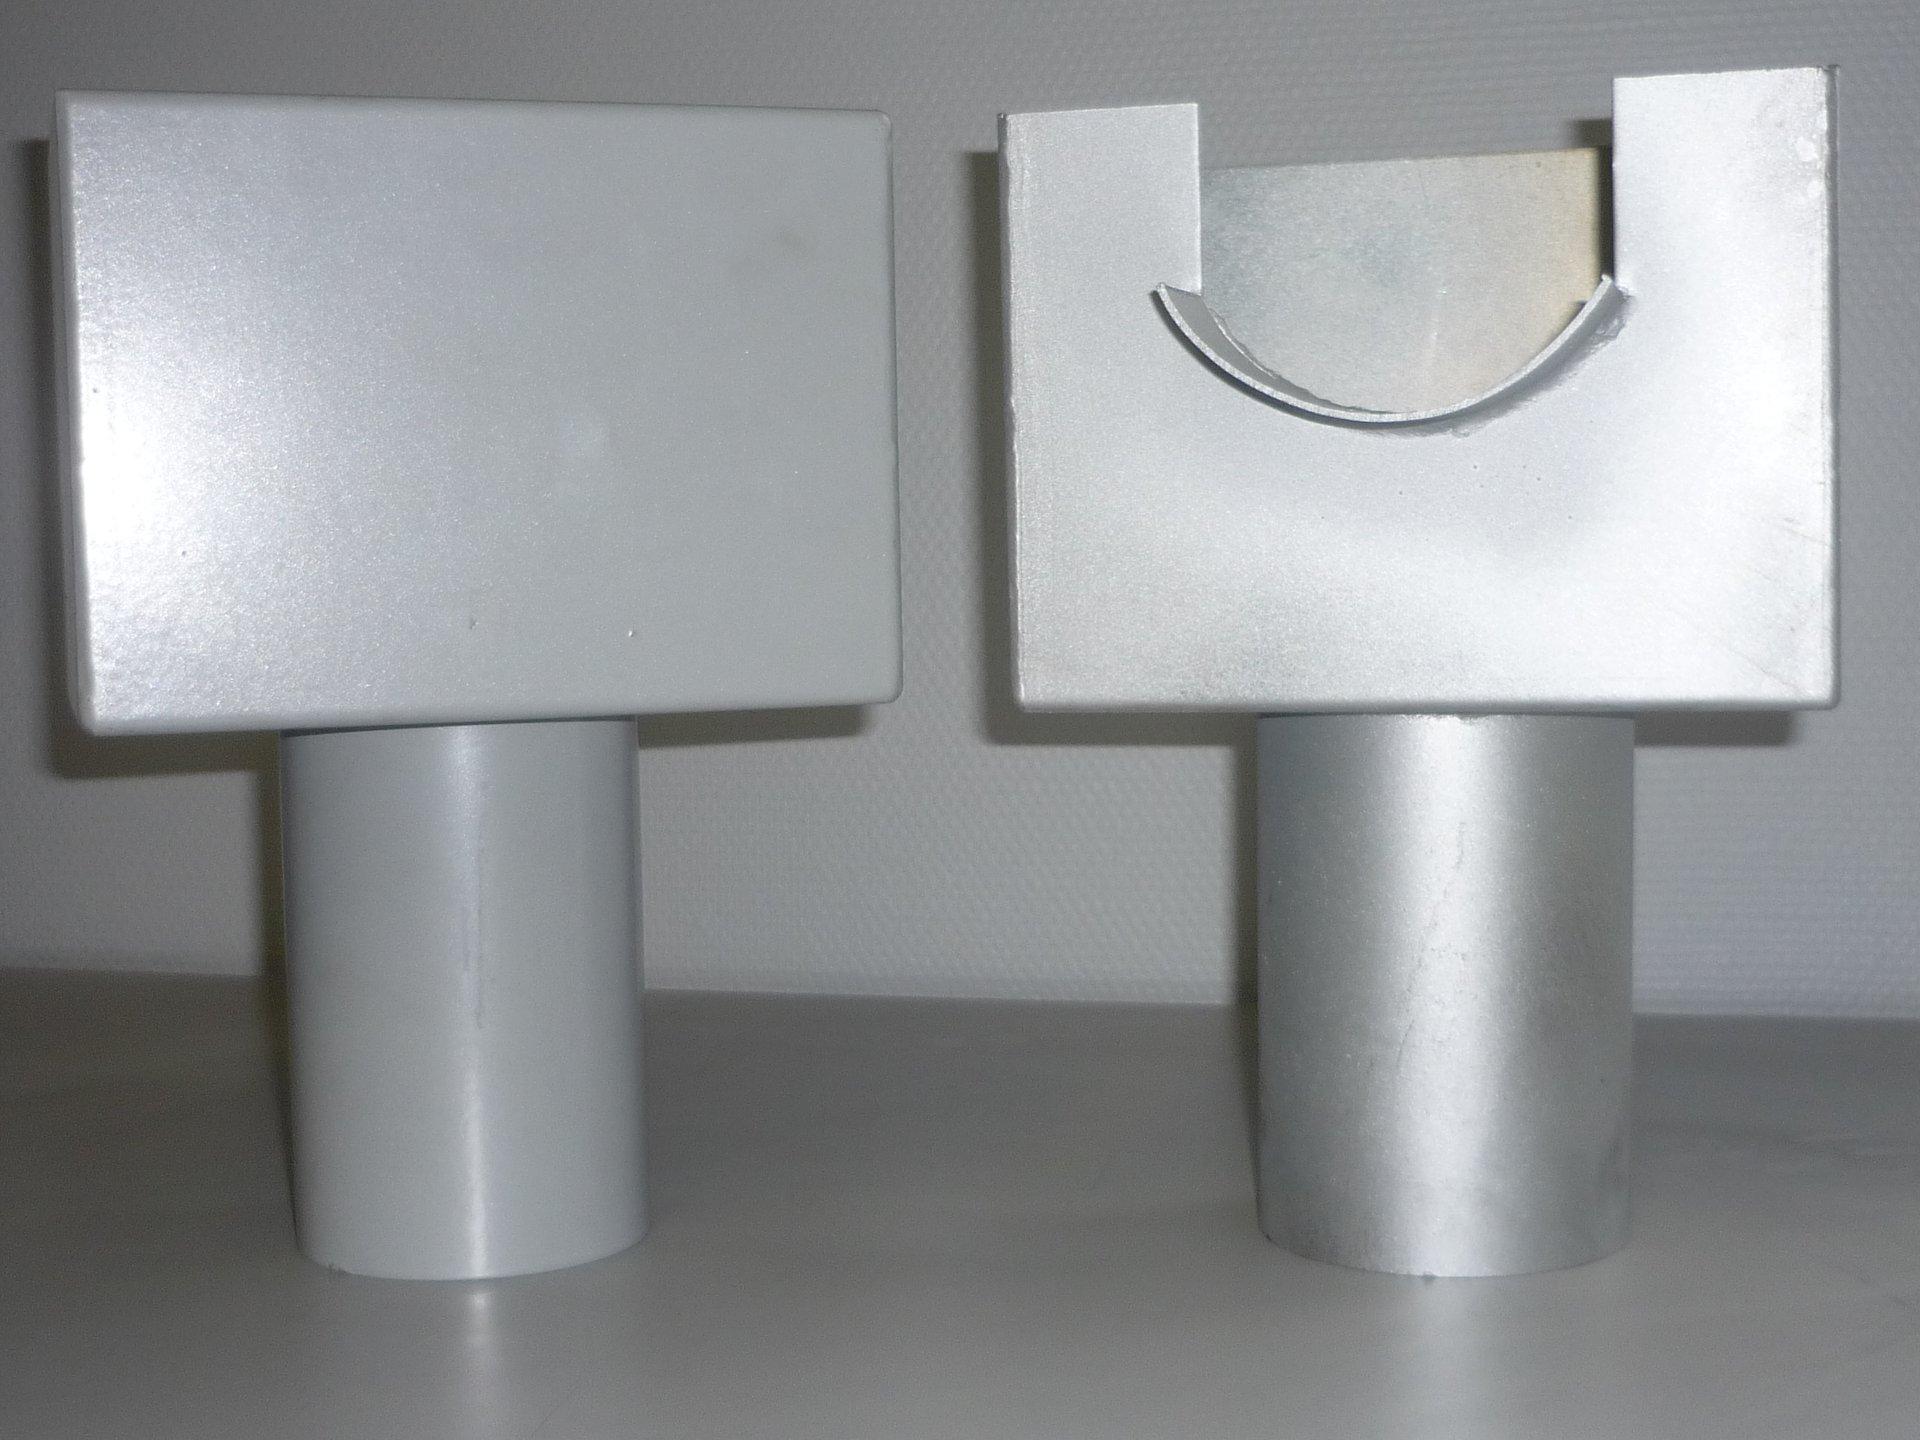 THERMOLAQUAGE pour post-laquer une pièce pliée, cintrée ou soudée